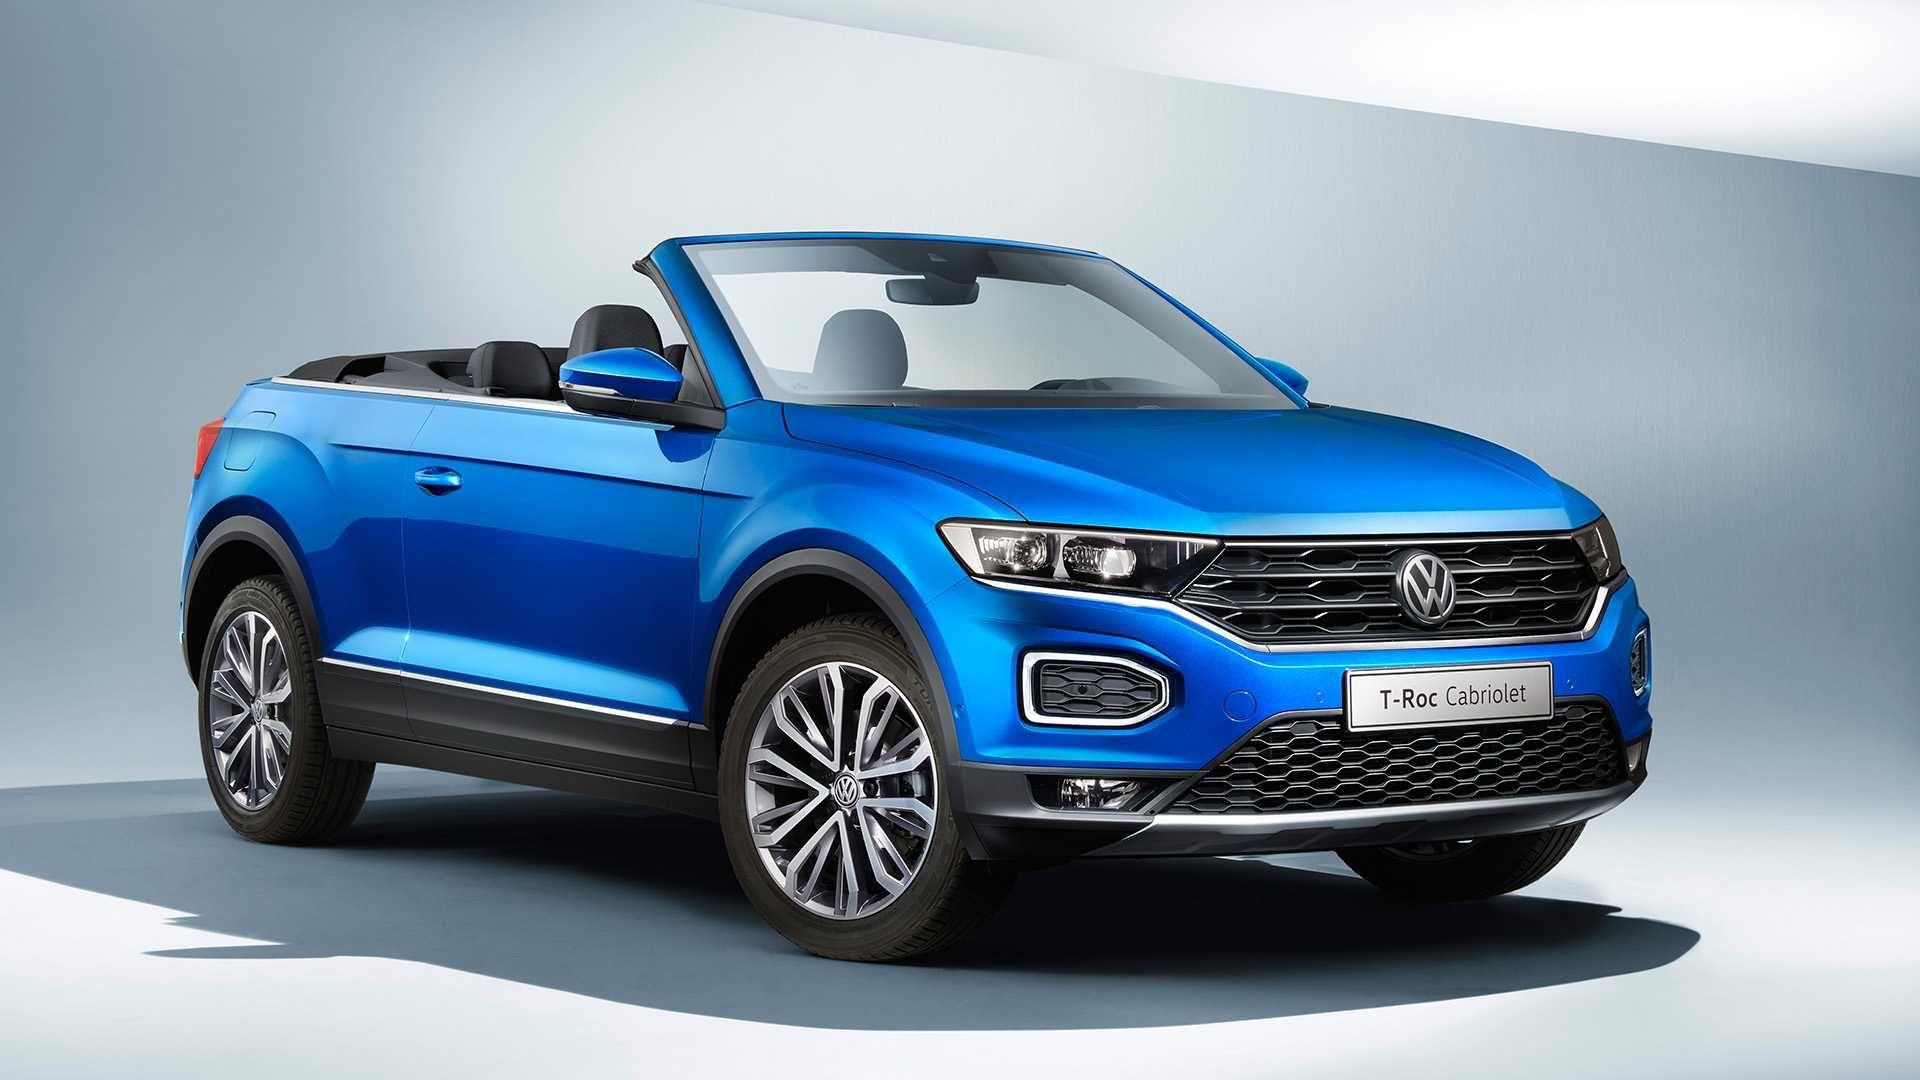 Volkswagen офіційно представив кросовер-кабріолет T-Roc